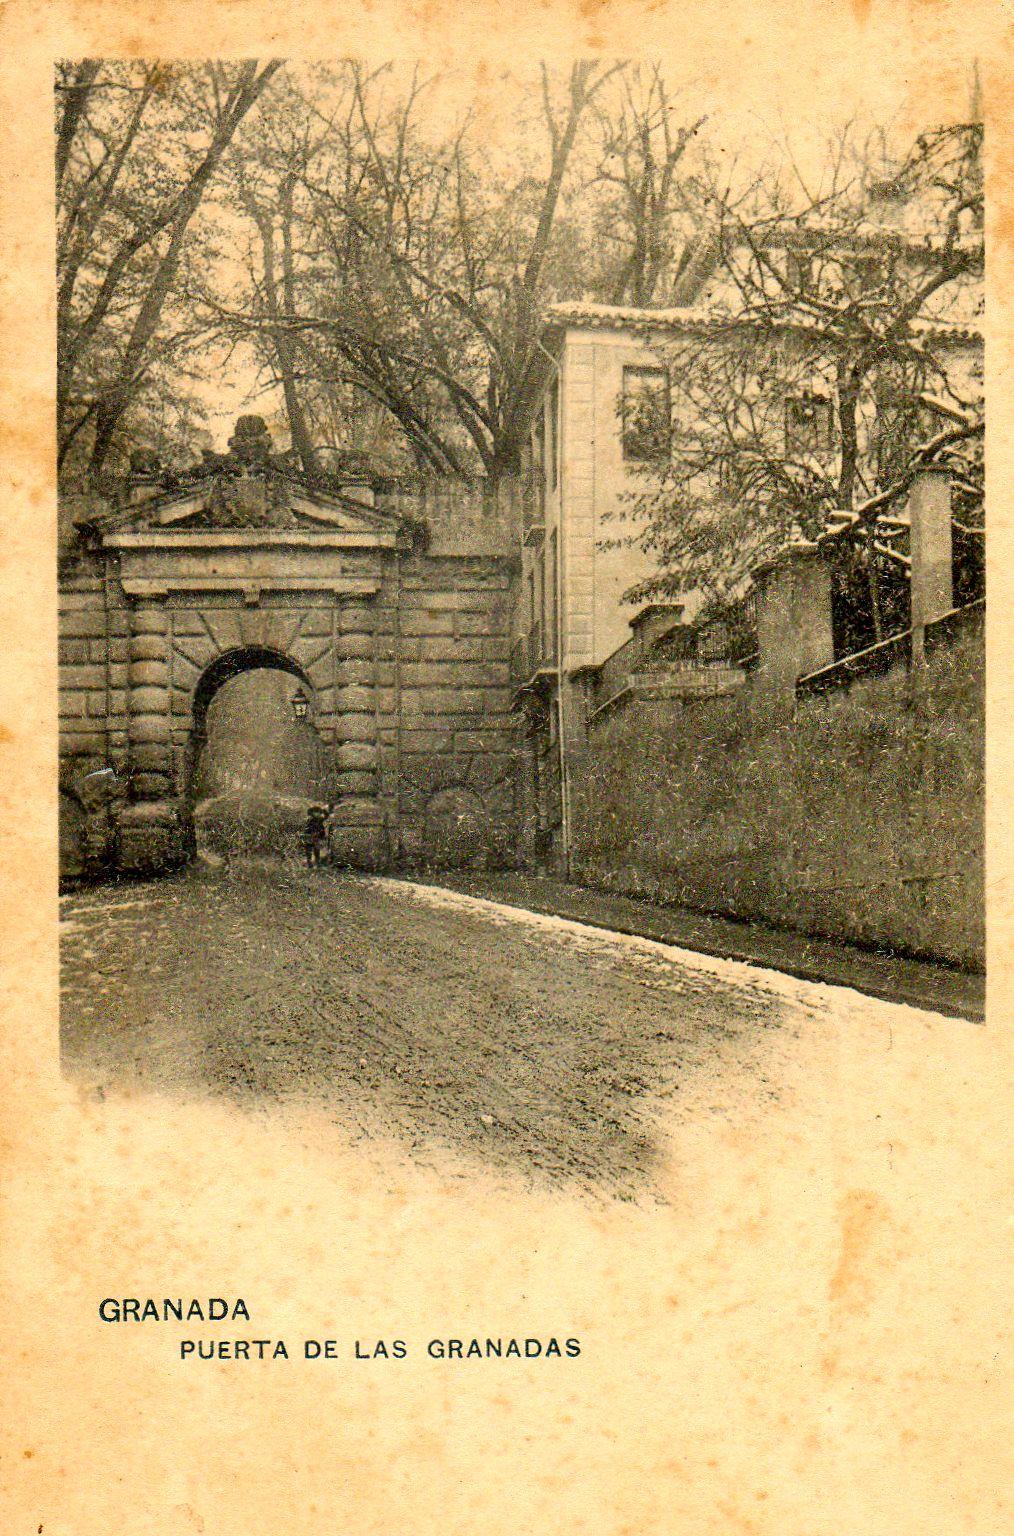 Puerta De Las Granadas Alhambra Slowhomes Granada